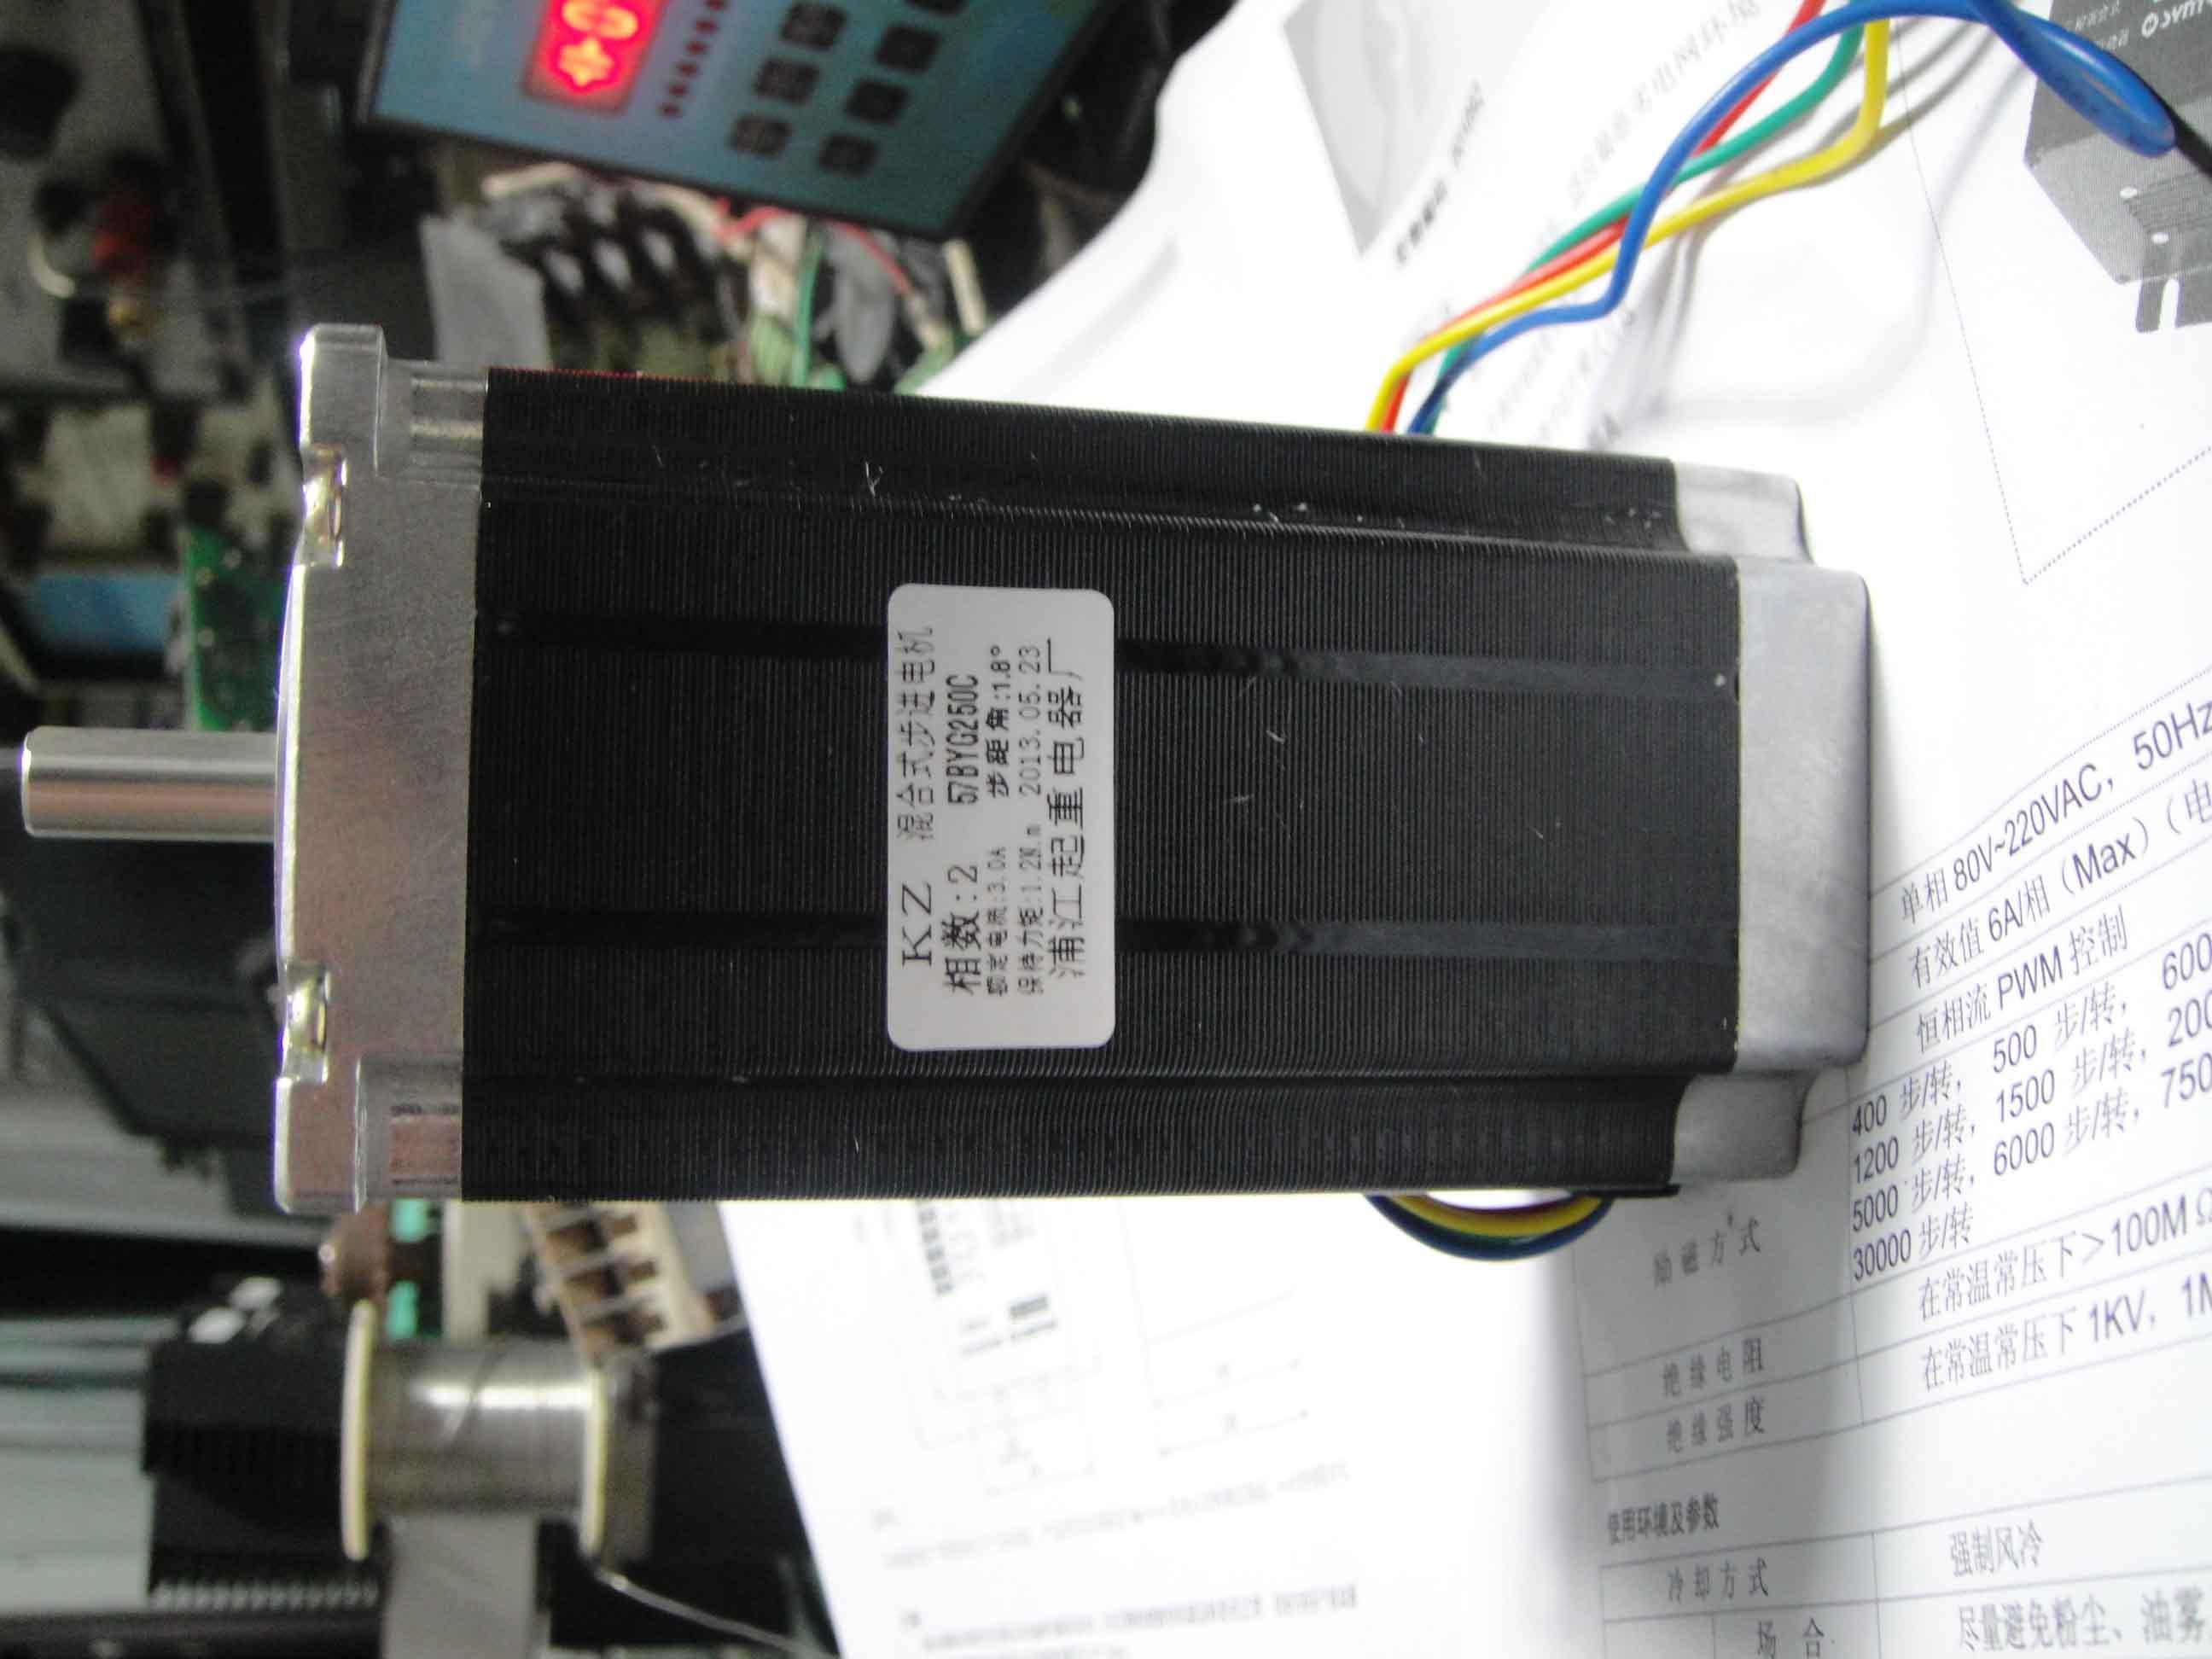 两相 57BYG450-76 6线排插轴径6.35光轴长度76 6线步进电机